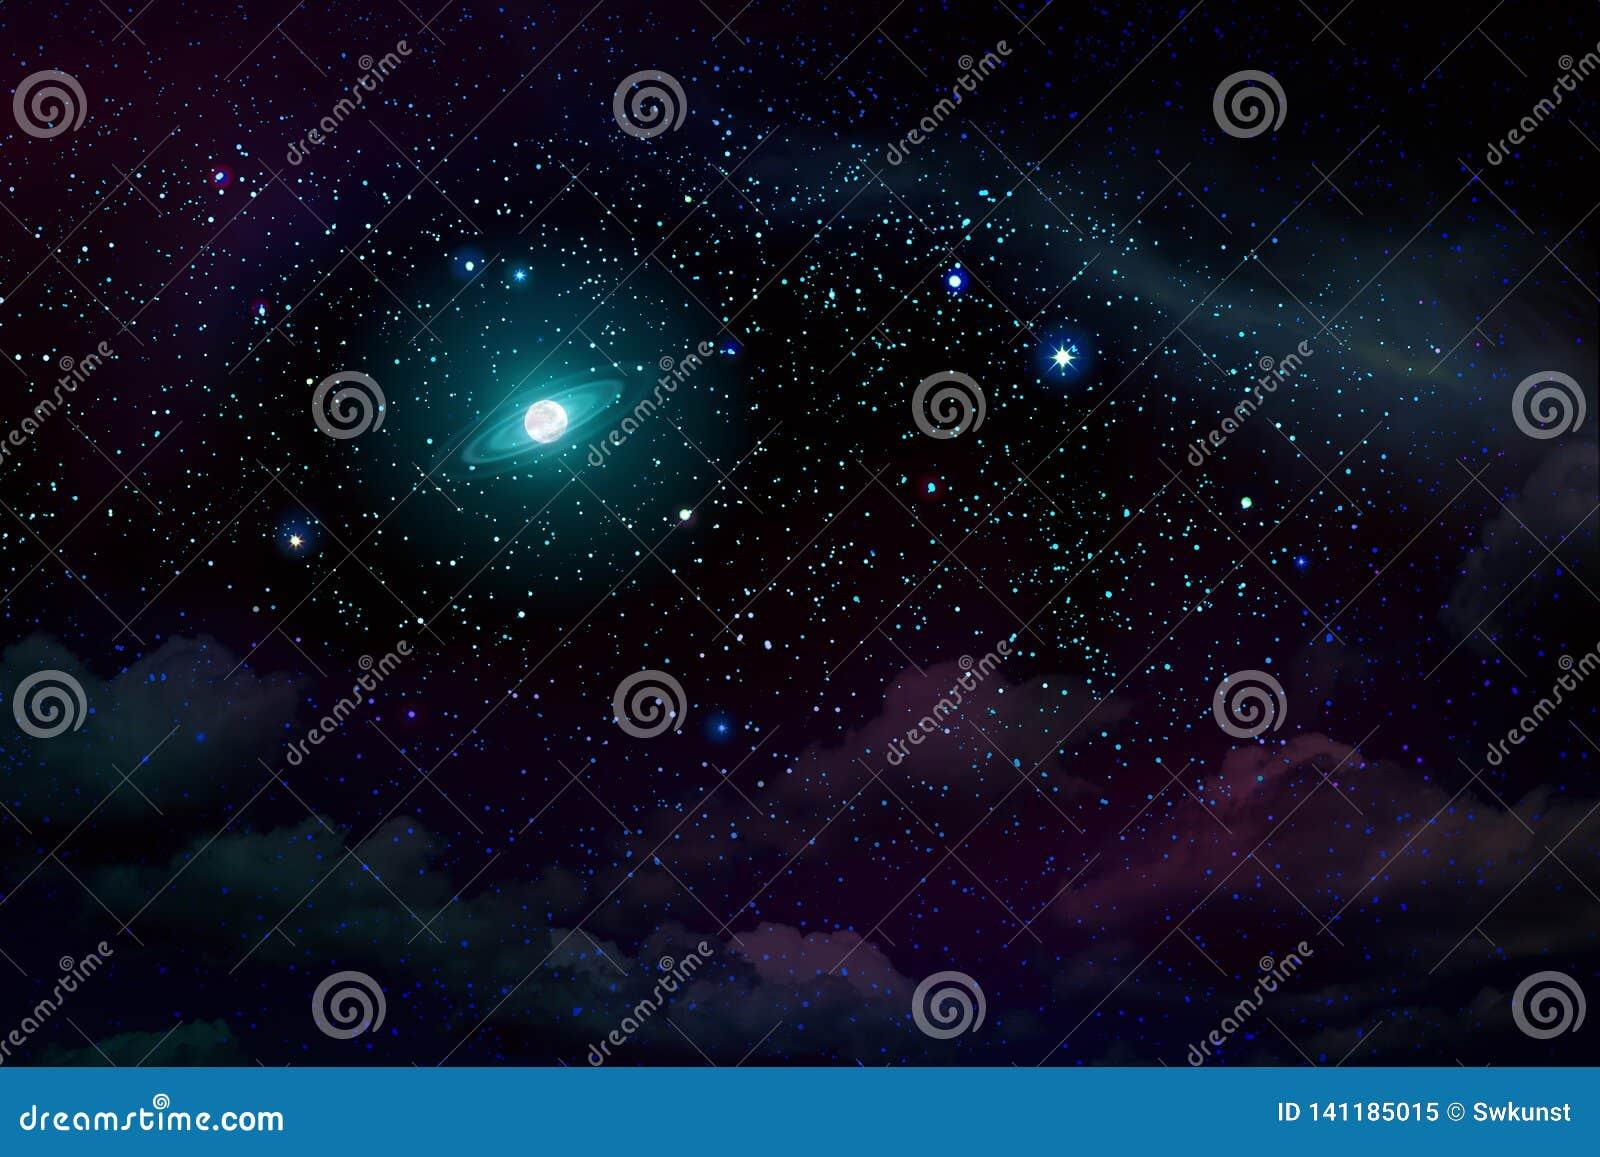 Blue dark night sky with many stars and full moon.